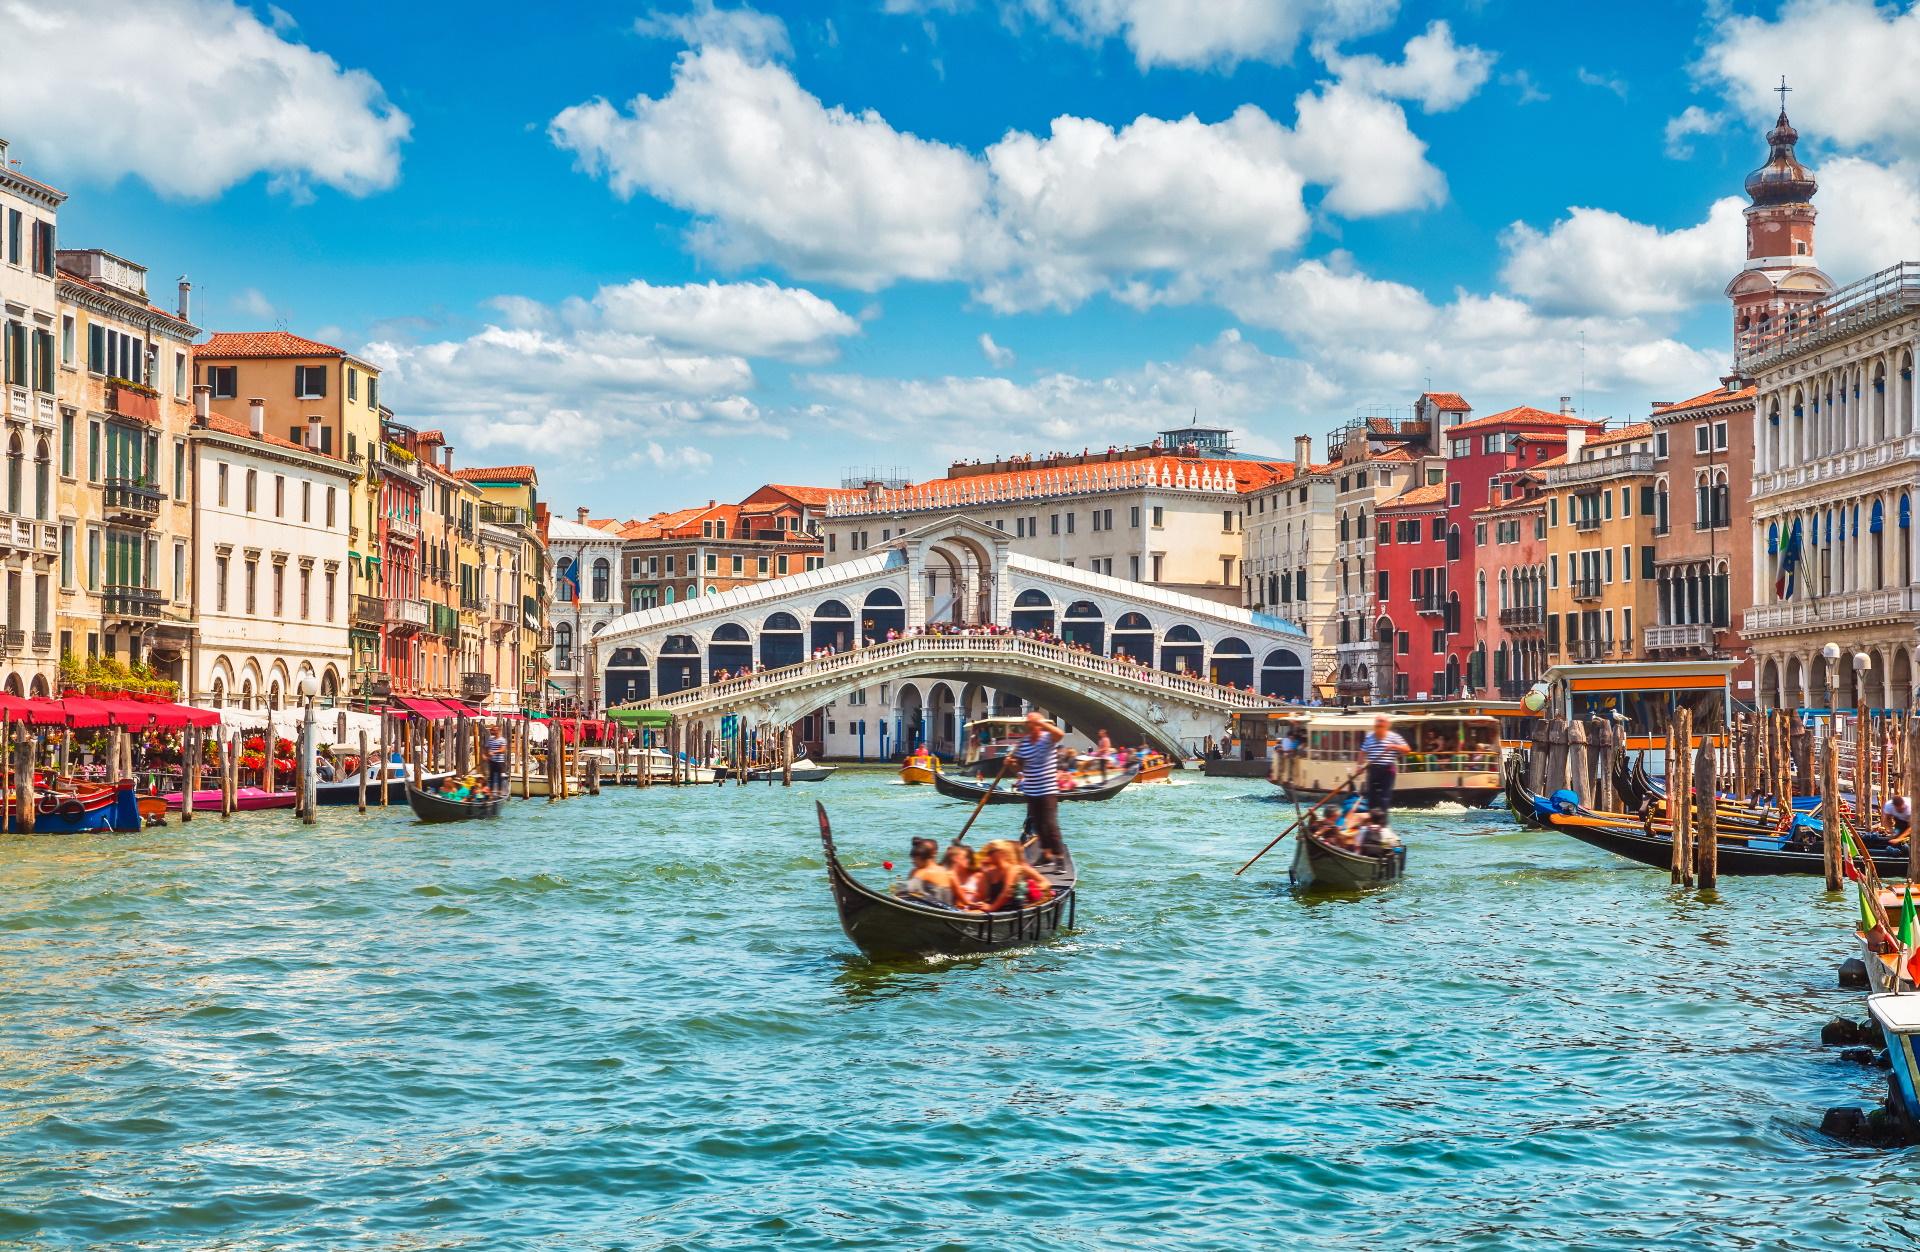 Ảnh cây cầu Riato bắc ngang dòng sông Grand, Venice